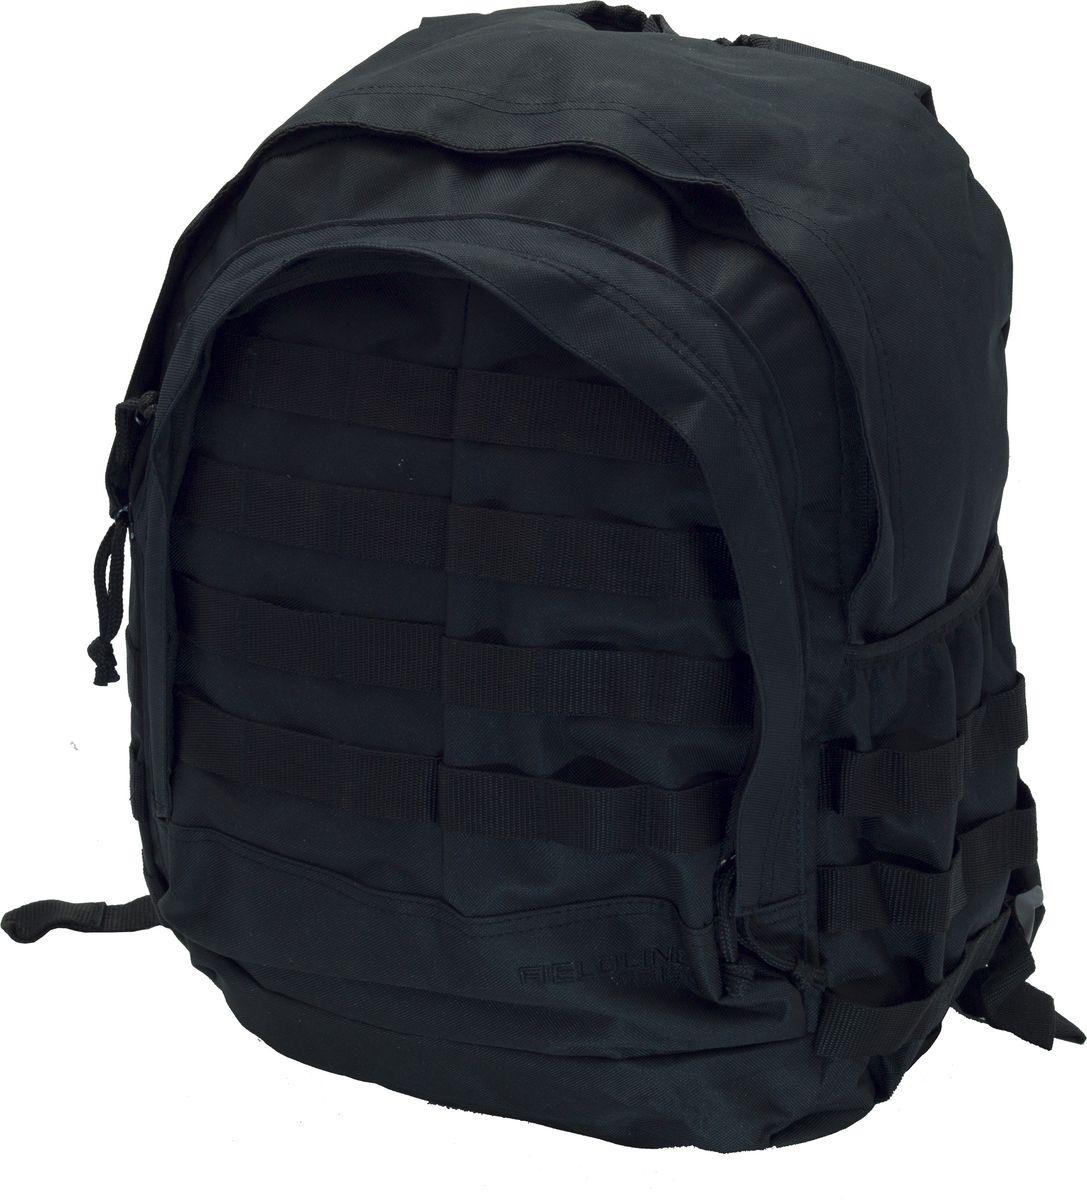 Рюкзак для охоты Fieldline  Patrol Day Pack , цвет: черный - Охота